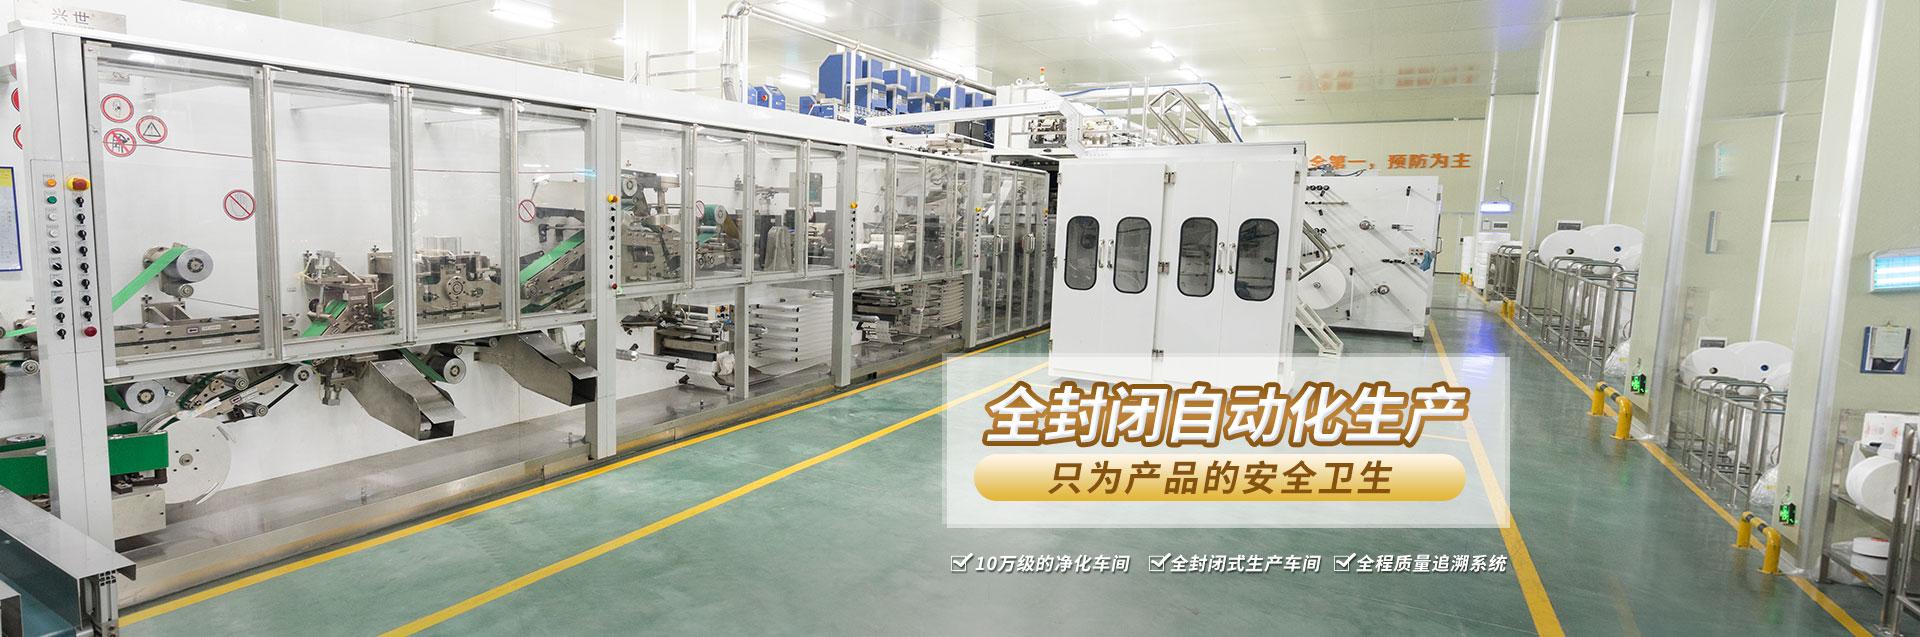 广东邦宝护理-纸尿裤生产厂家